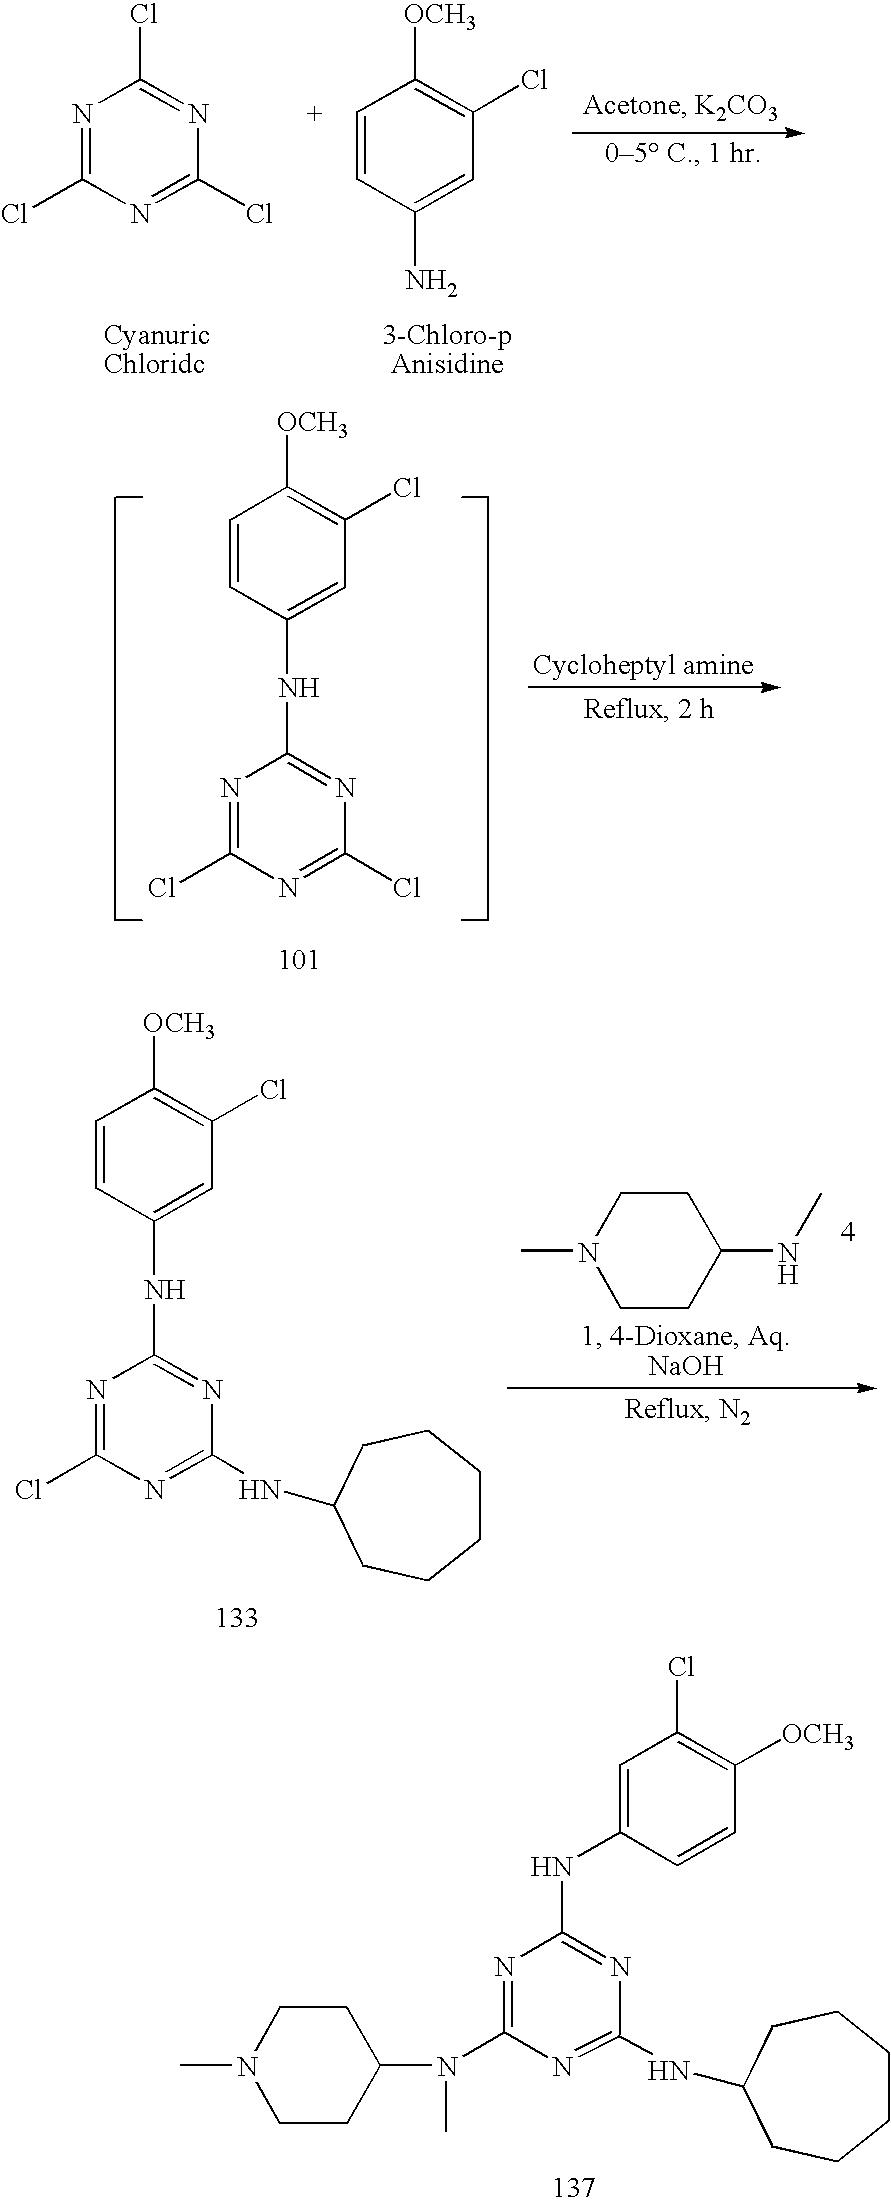 Figure US20050113341A1-20050526-C00224